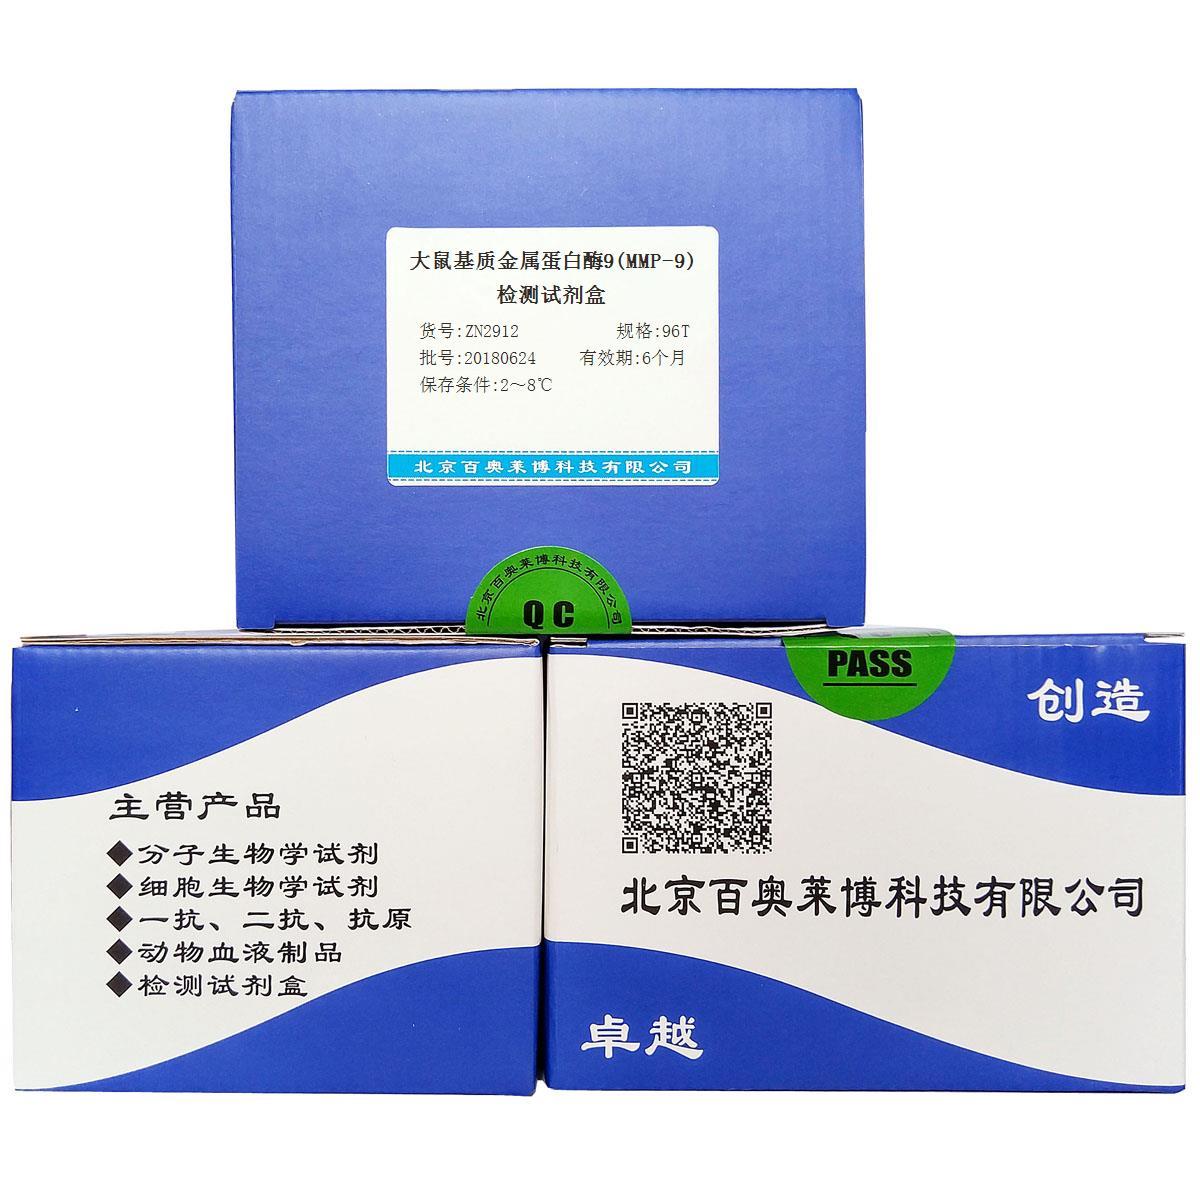 大鼠基质金属蛋白酶9(MMP-9)检测试剂盒批发